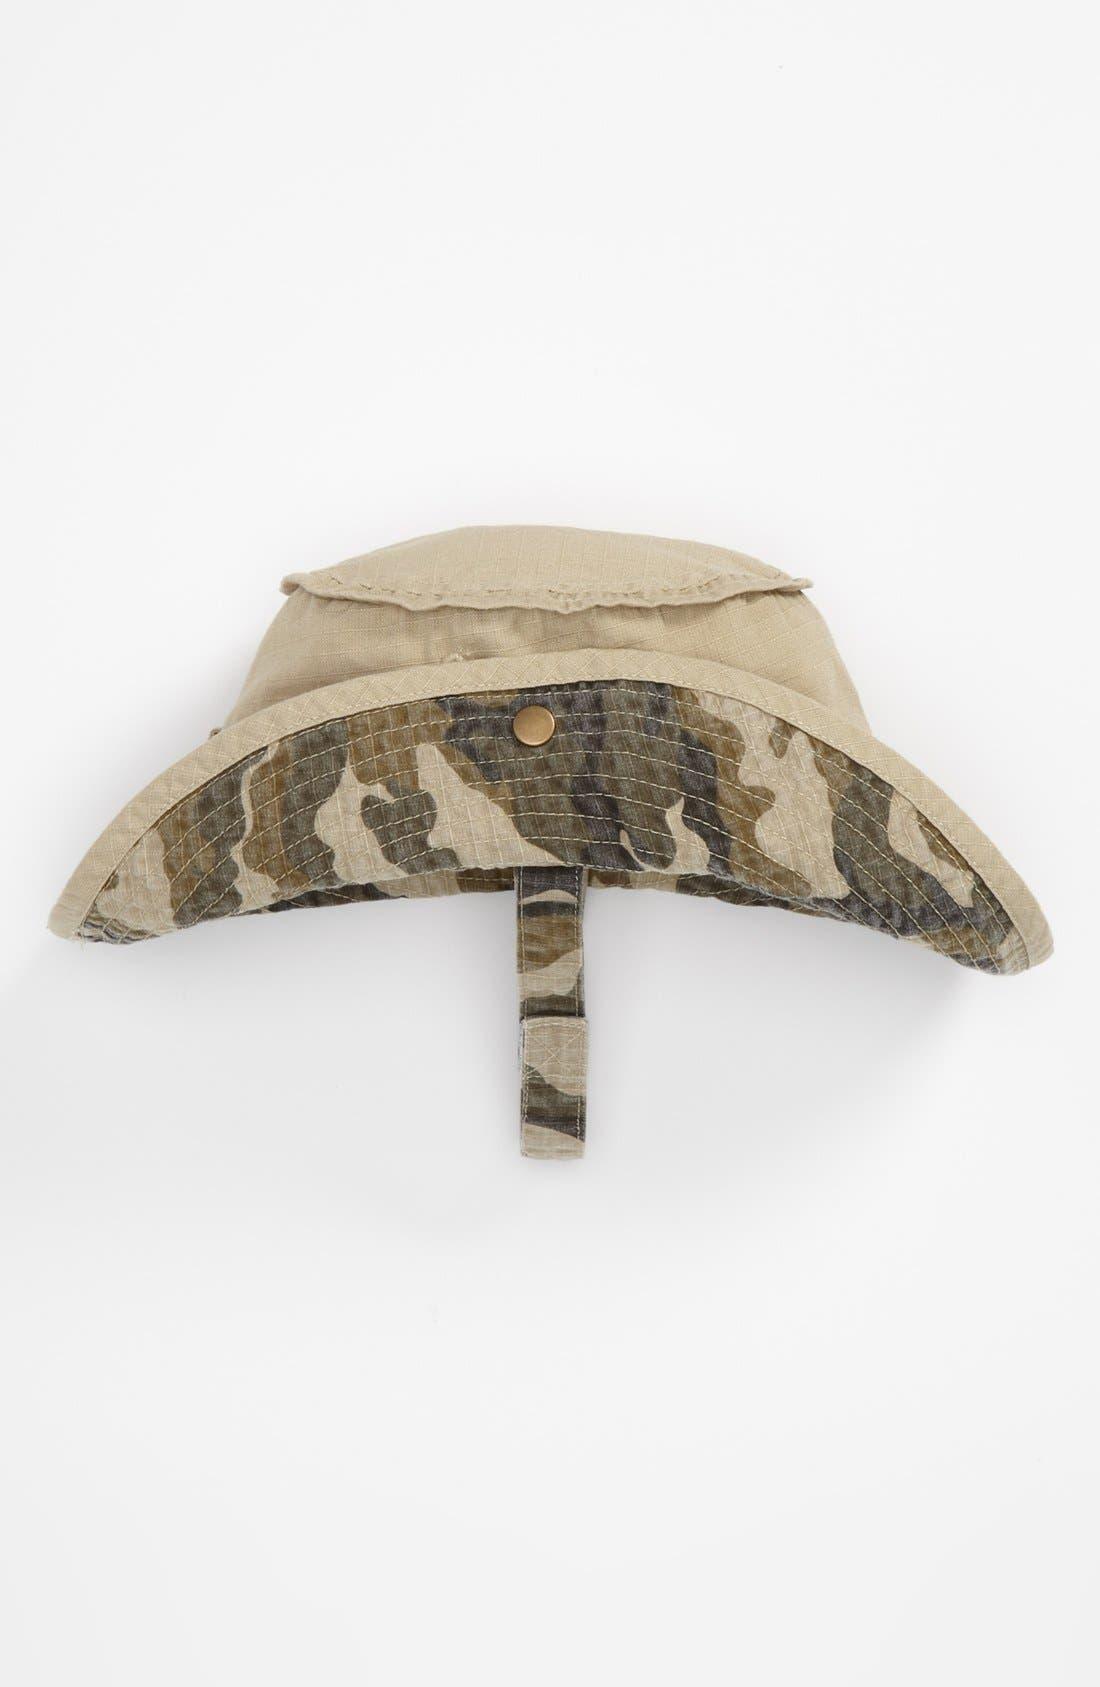 Alternate Image 1 Selected - Nolan Glove Twill Safari Hat (Toddler)